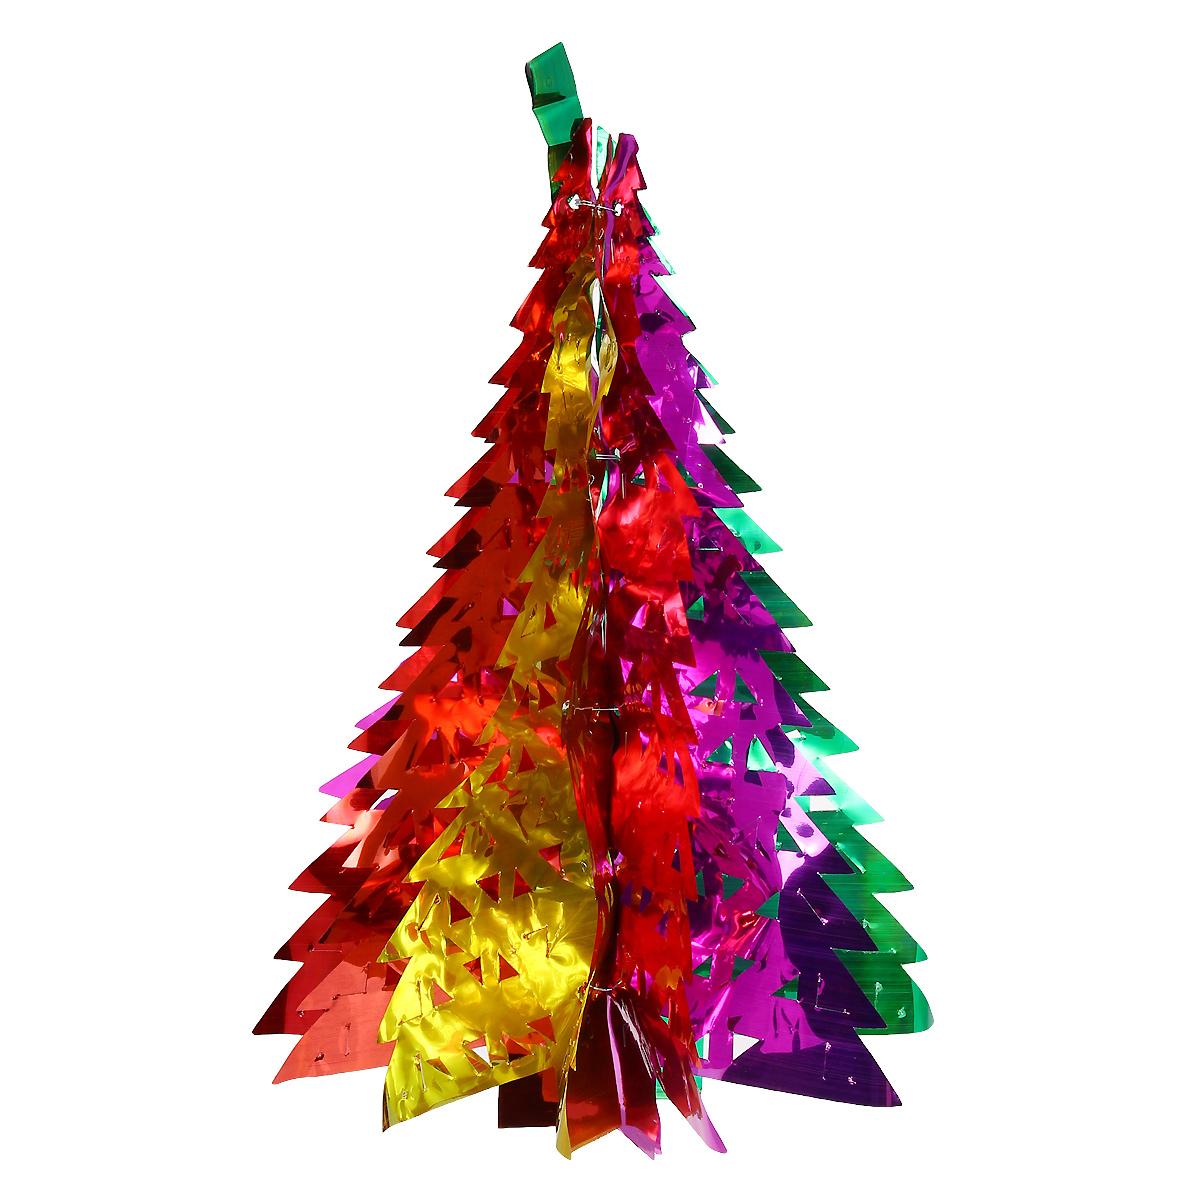 Новогодняя гирлянда Елка, цвет: мульти, 36 см х 12,5 см. 3097130971Новогодняя гирлянда прекрасно подойдет для декора дома или офиса. Украшение выполнено из разноцветной металлизированной фольги. С помощью специальных петелек гирлянду можно повесить в любом понравившемся вам месте. Украшение легко складывается и раскладывается. Новогодние украшения несут в себе волшебство и красоту праздника. Они помогут вам украсить дом к предстоящим праздникам и оживить интерьер по вашему вкусу. Создайте в доме атмосферу тепла, веселья и радости, украшая его всей семьей.